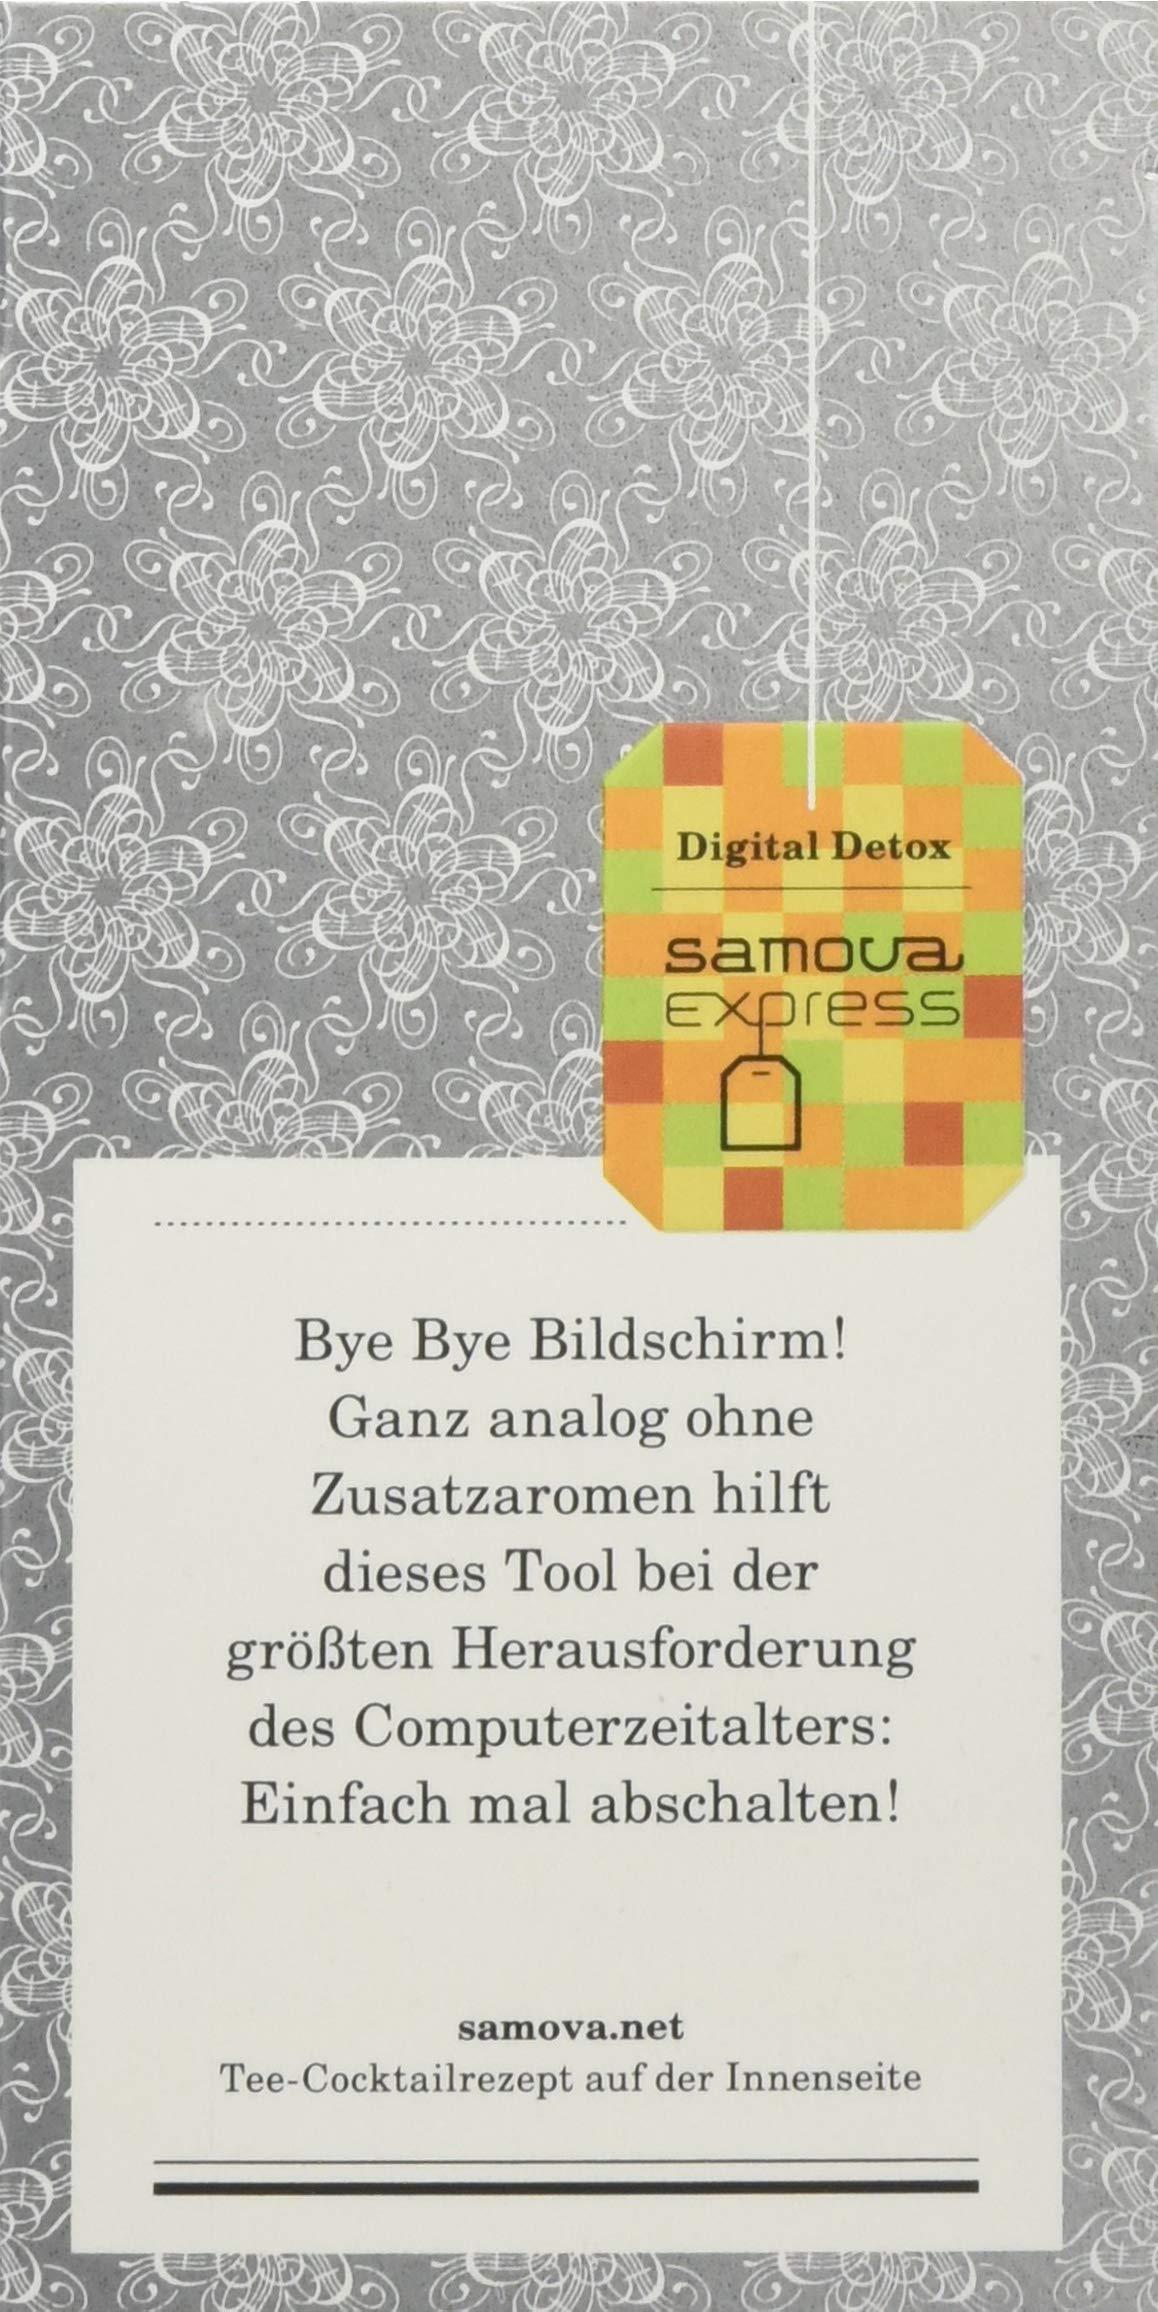 samova-Digital-Detox-Express-4er-Pack-4-x-80-g